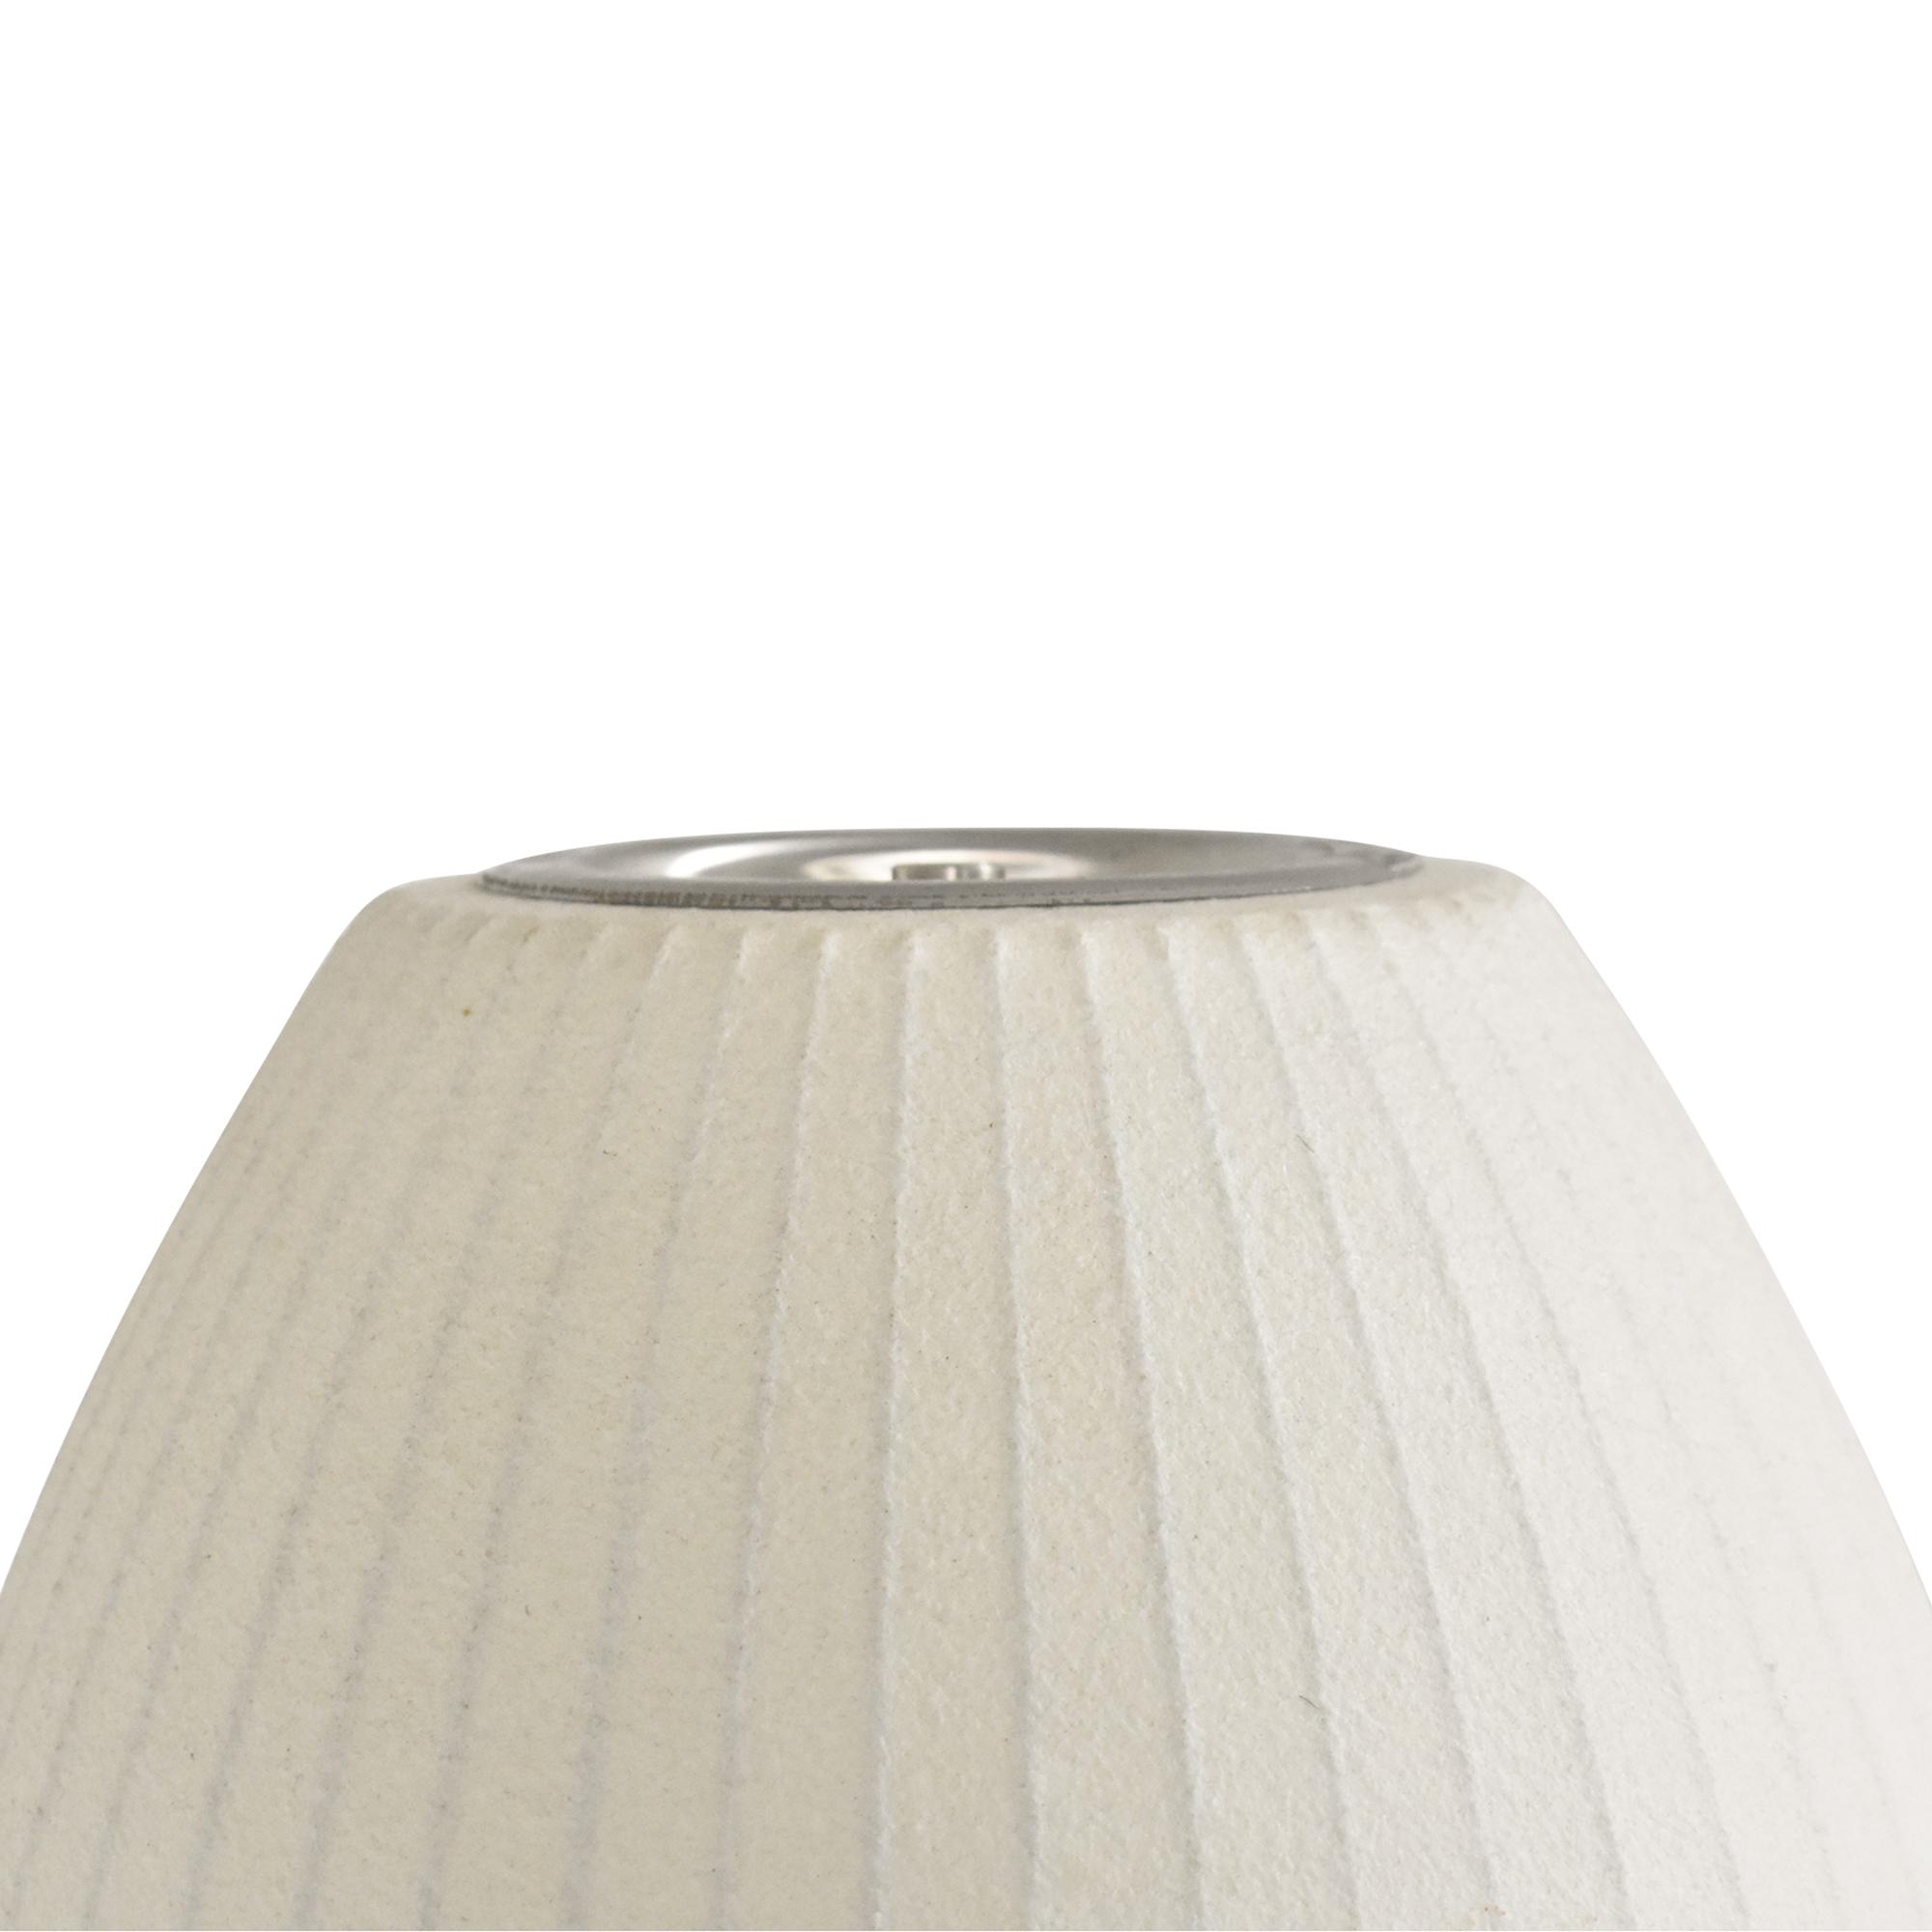 Modernica Modernica Nelson Cigar Lotus Floor Lamp ma